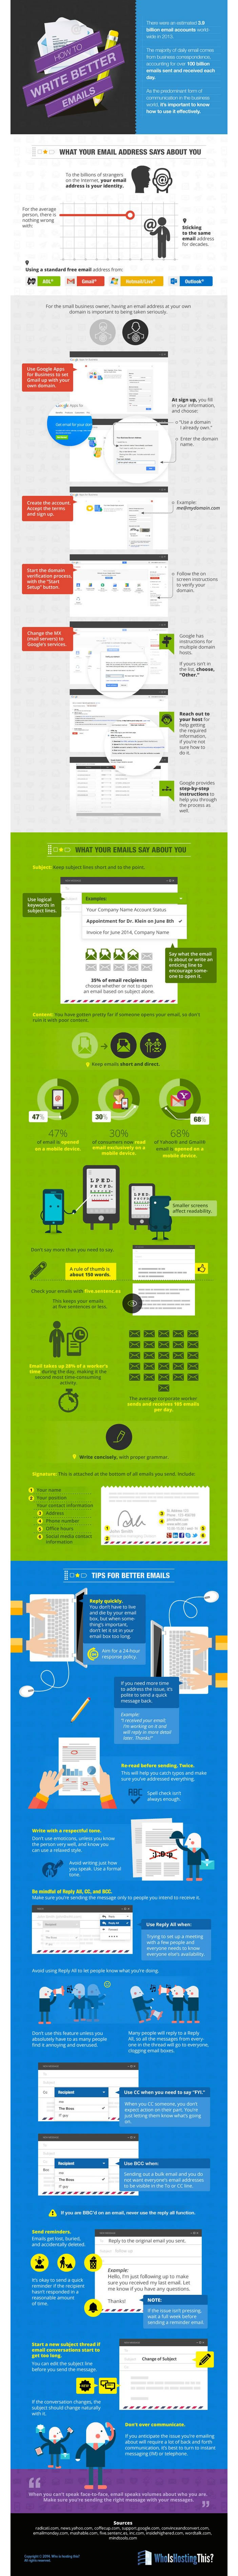 Infographie - Astuces pour rendre ses e-mails plus efficaces